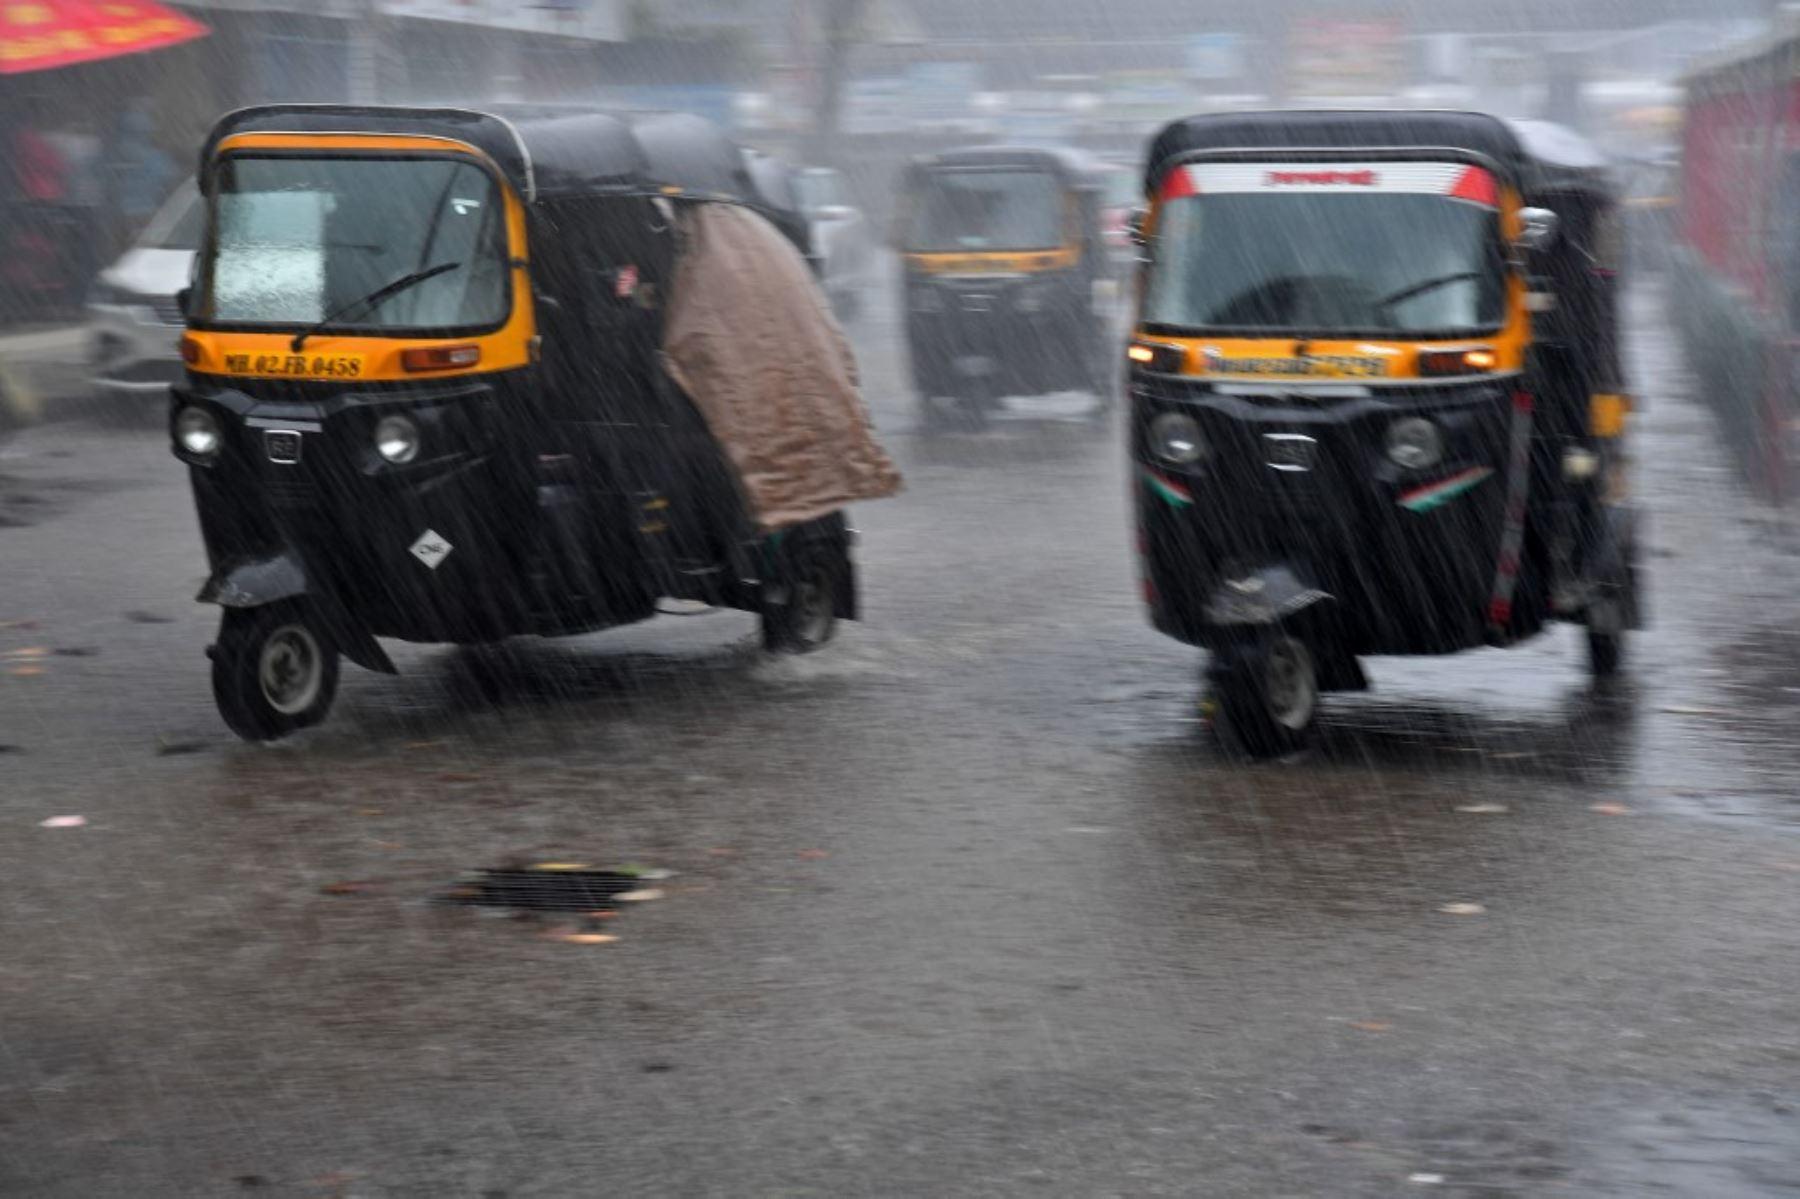 Mototaxis conducen por una calle en medio de las fuertes lluvias del ciclón Tauktae en Mumbai el 17 de mayo de 2021